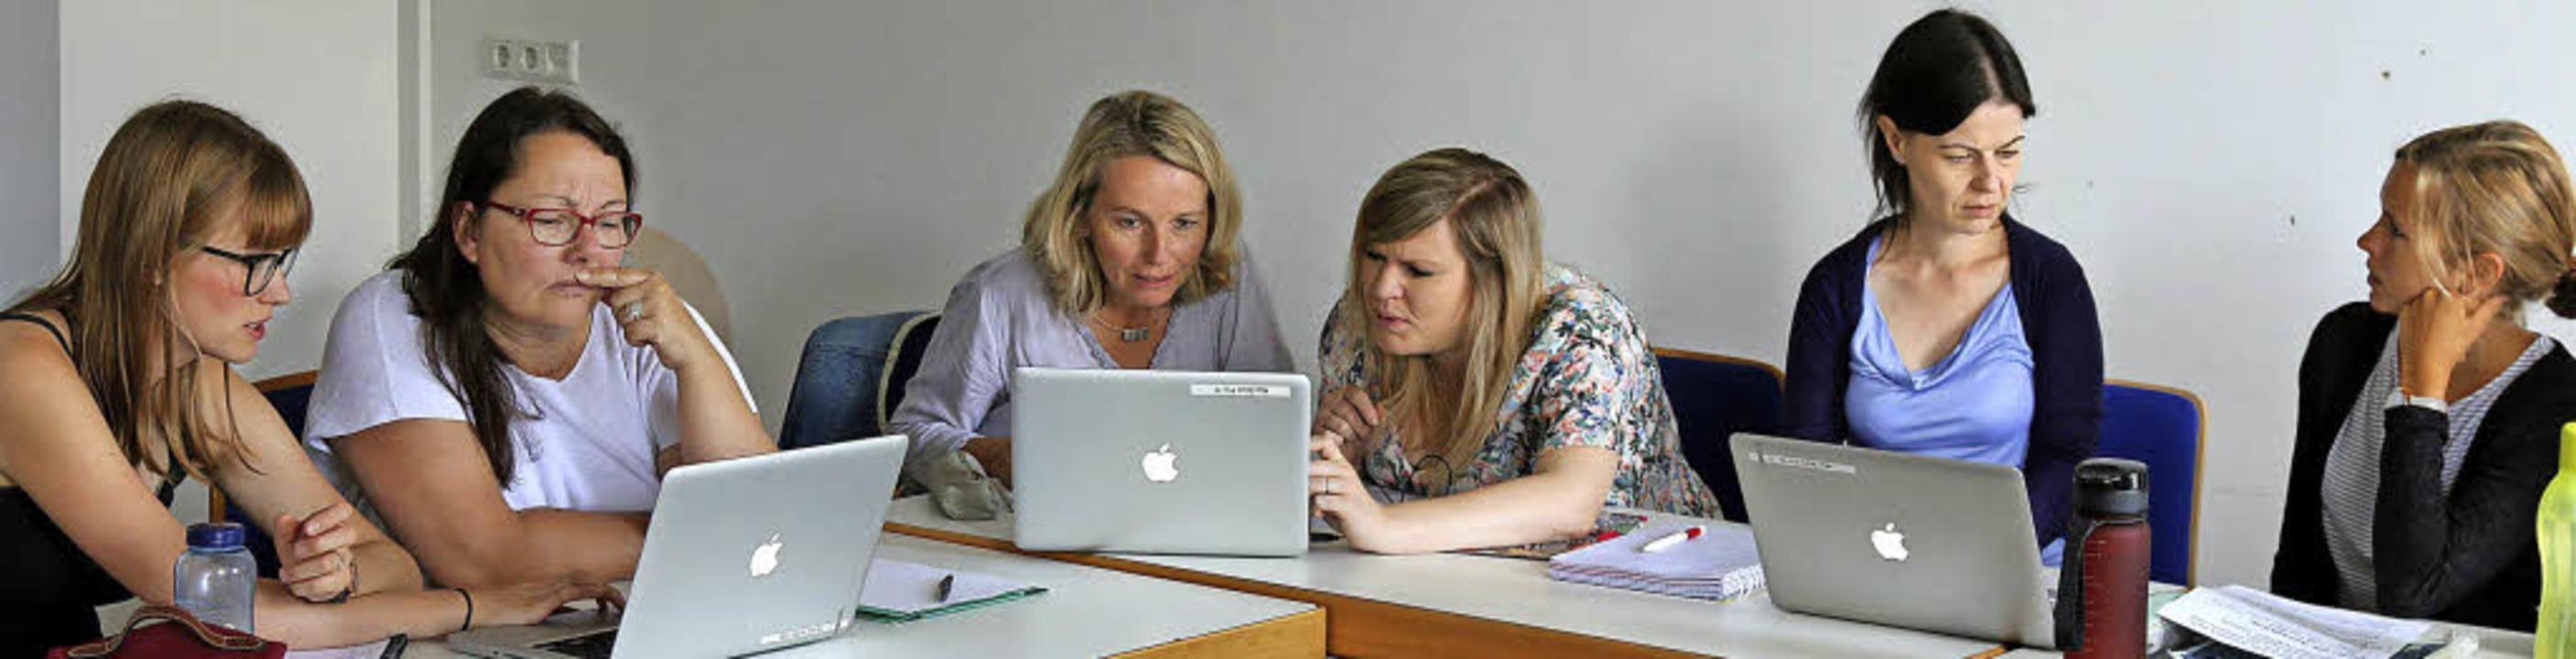 Am Laptop erstellten die Workshopteiln...ie Kinder dann Aufgaben lösen können.   | Foto: Bartsch